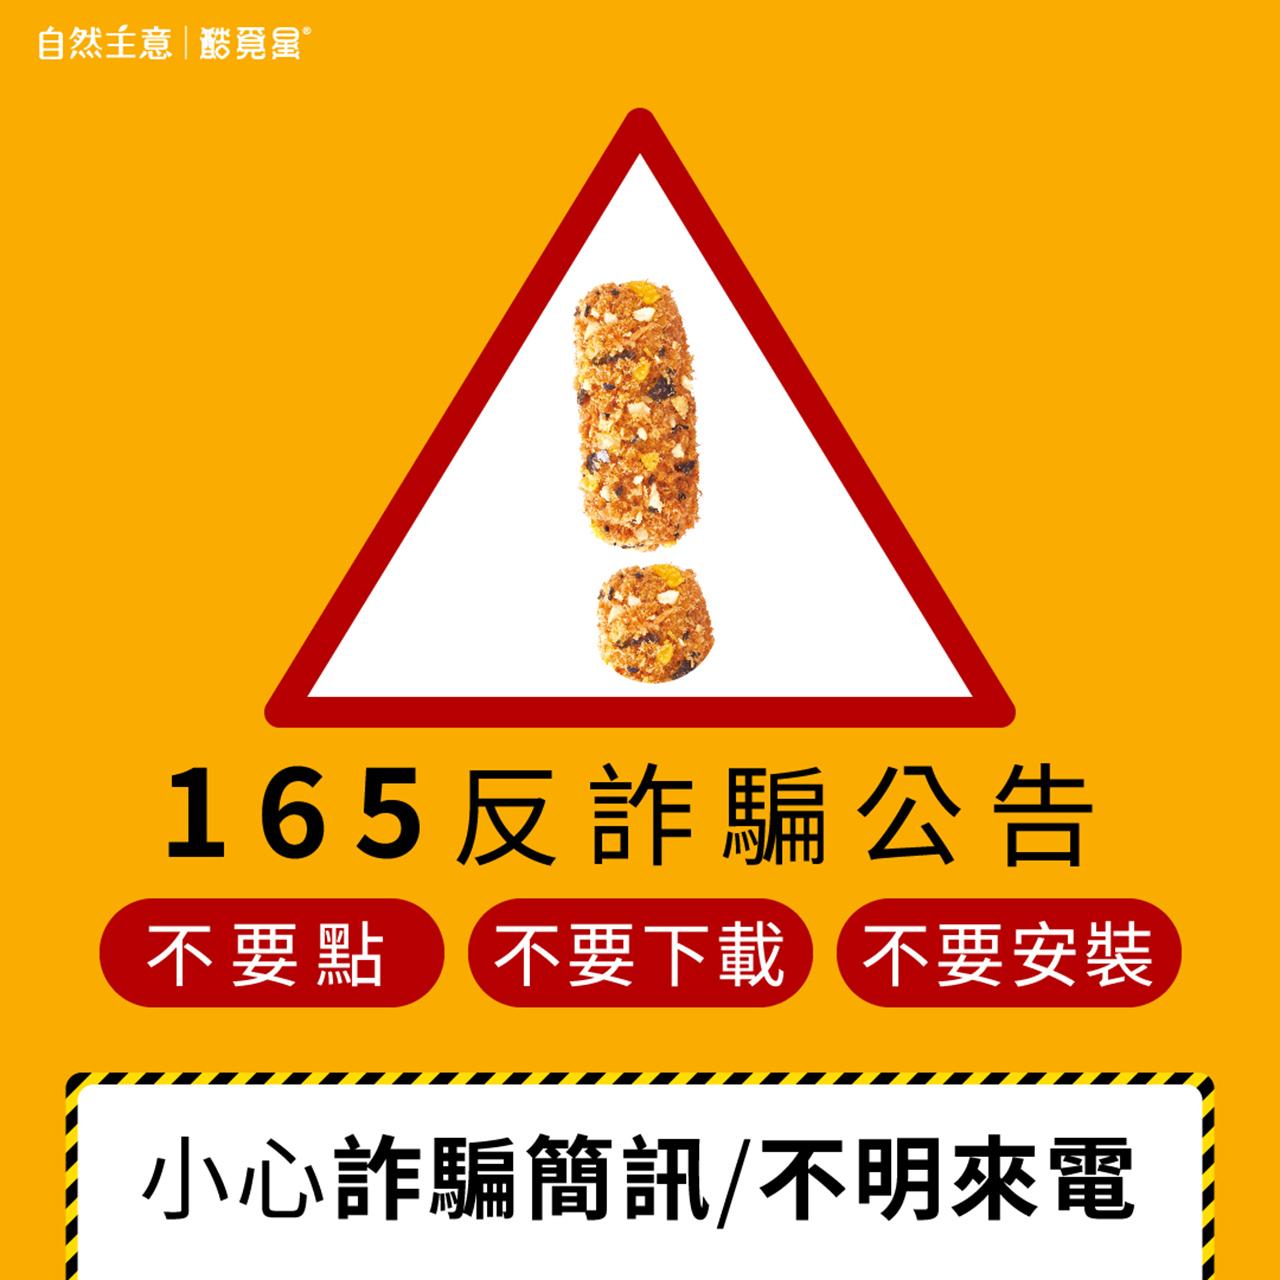 165反詐騙公告-1